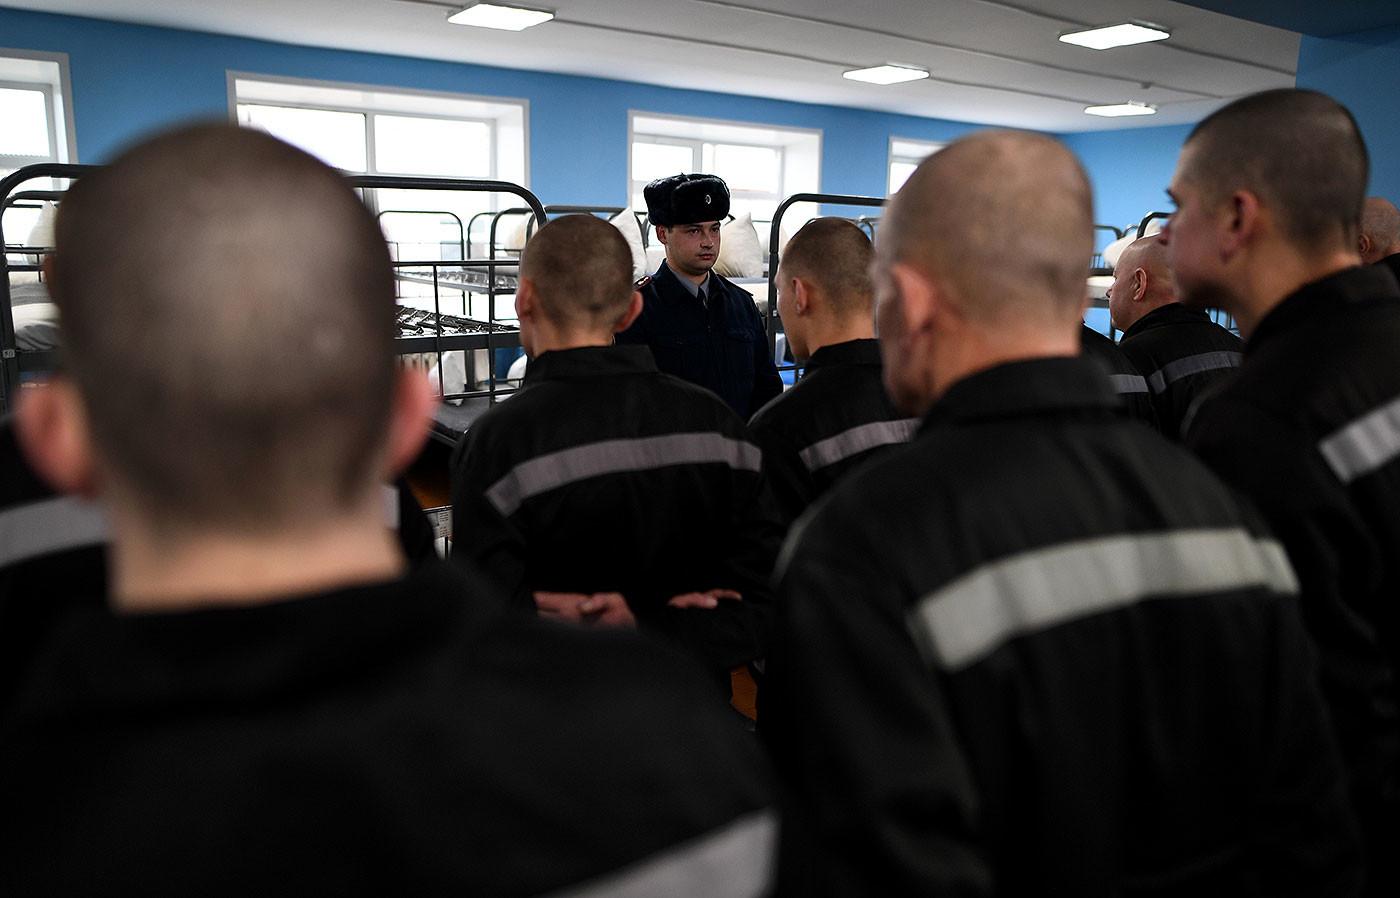 Фото: ©РИА Новости/Максим Блинов